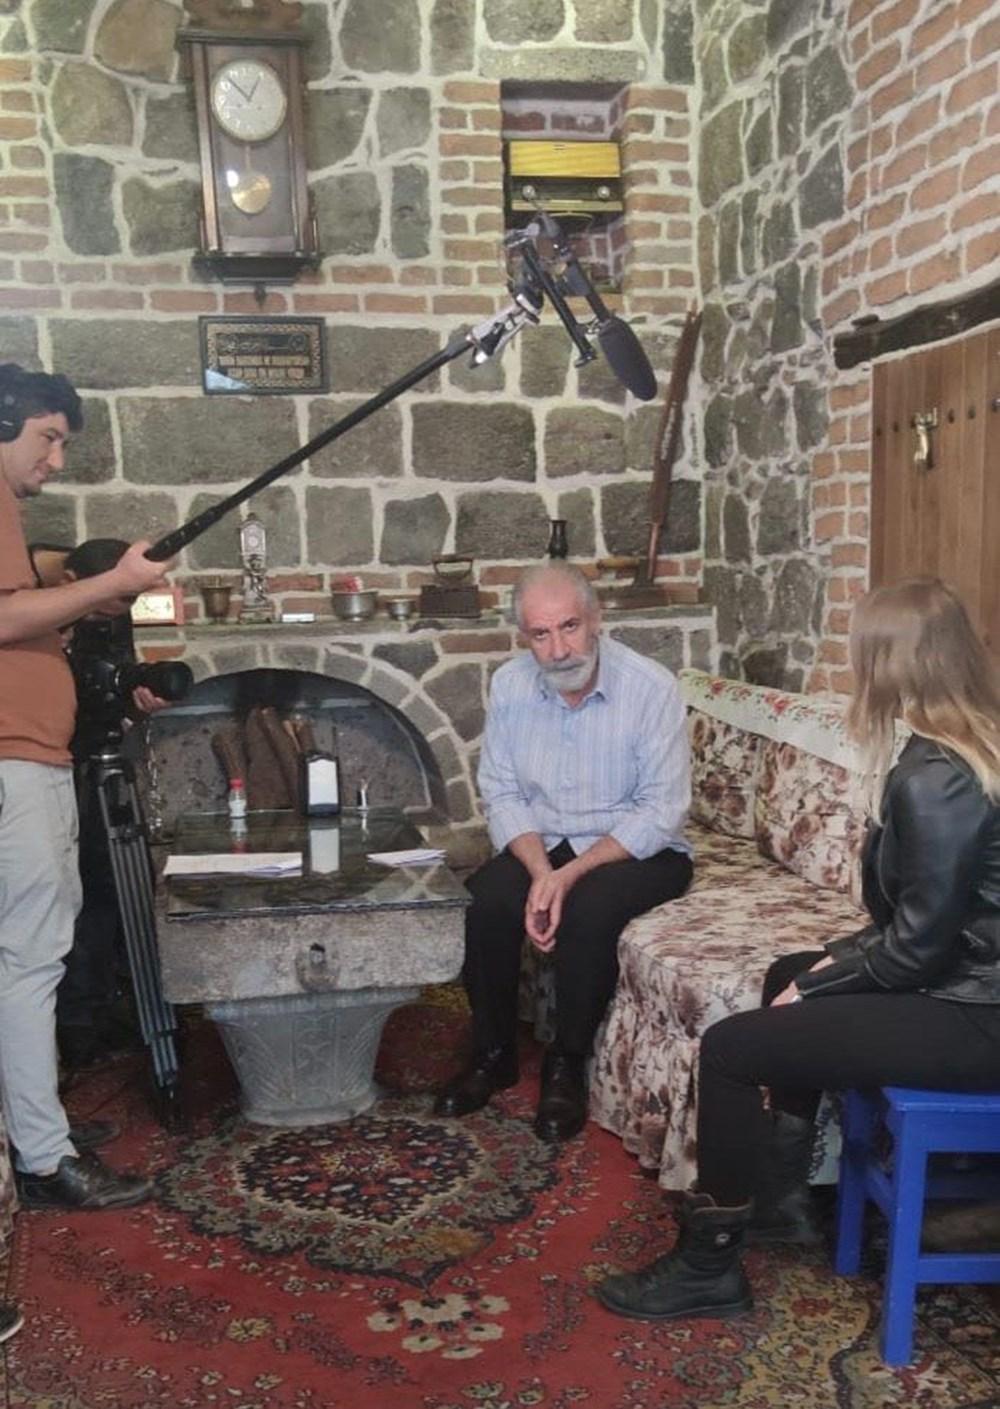 Diyarbakır'ın tarihi mekanları dizi çekimleri için doğal plato oldu - 7